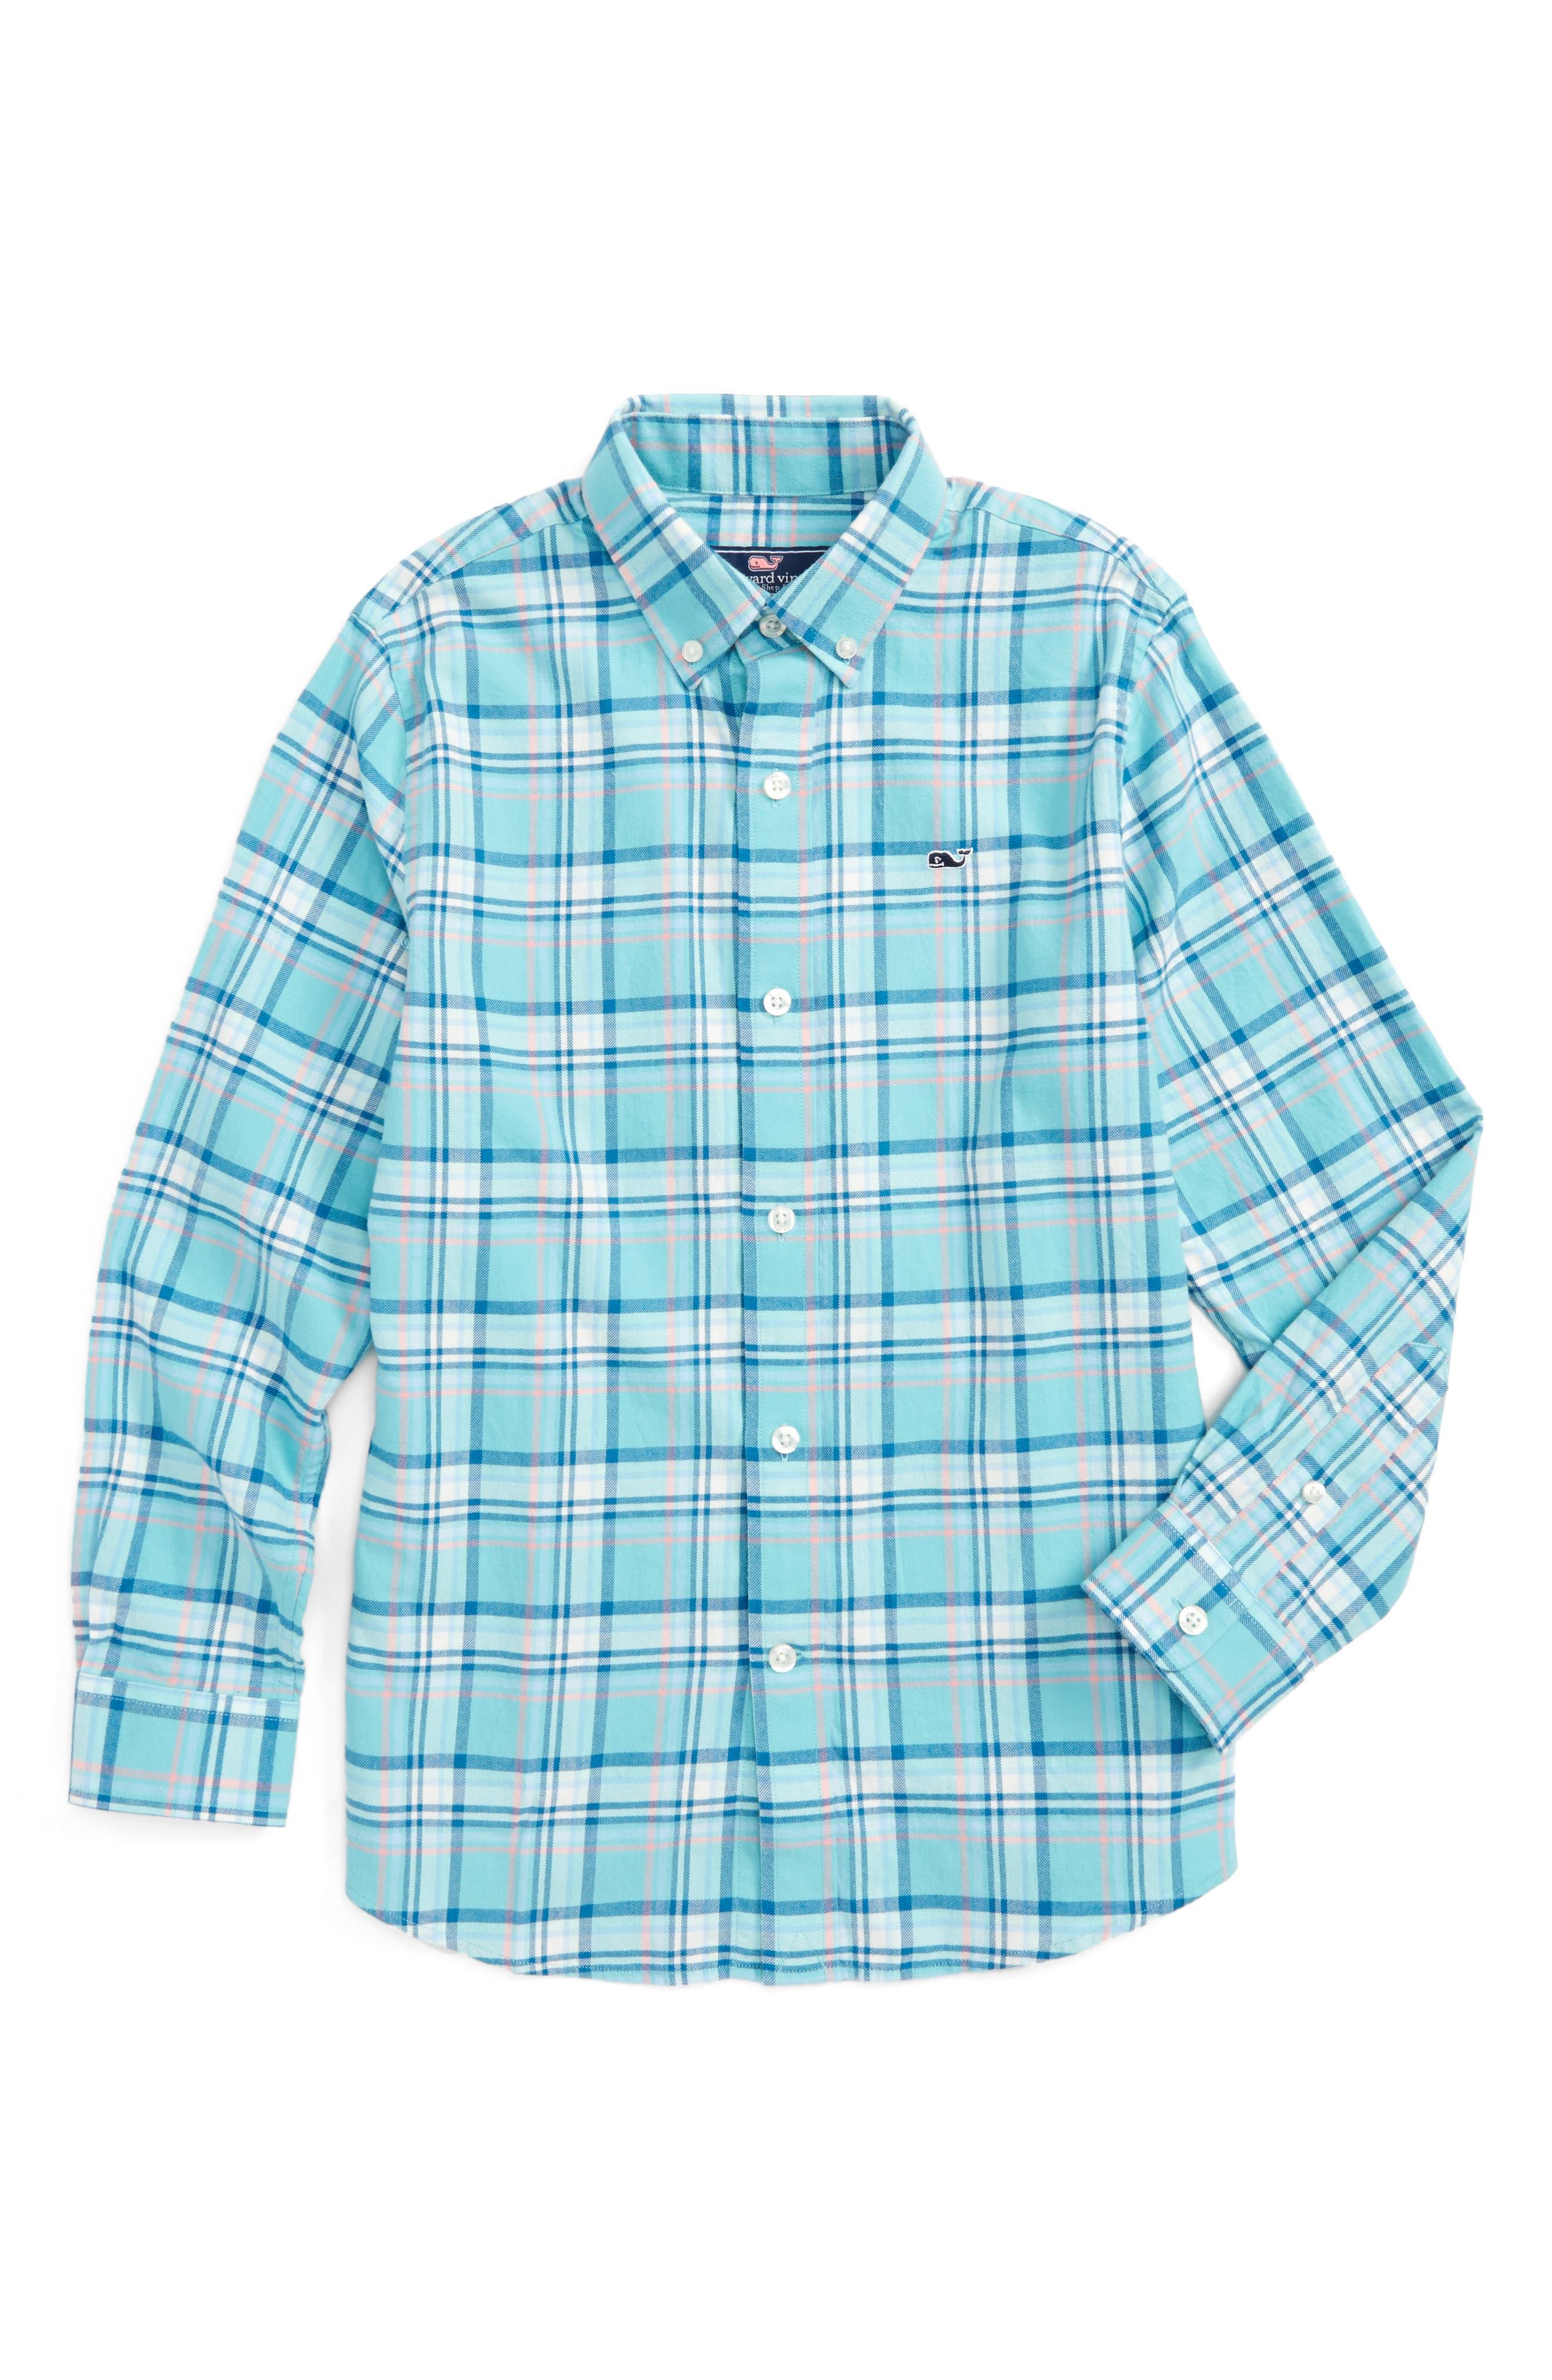 Loblolly Plaid Shirt,                             Main thumbnail 1, color,                             Aqua Ocean